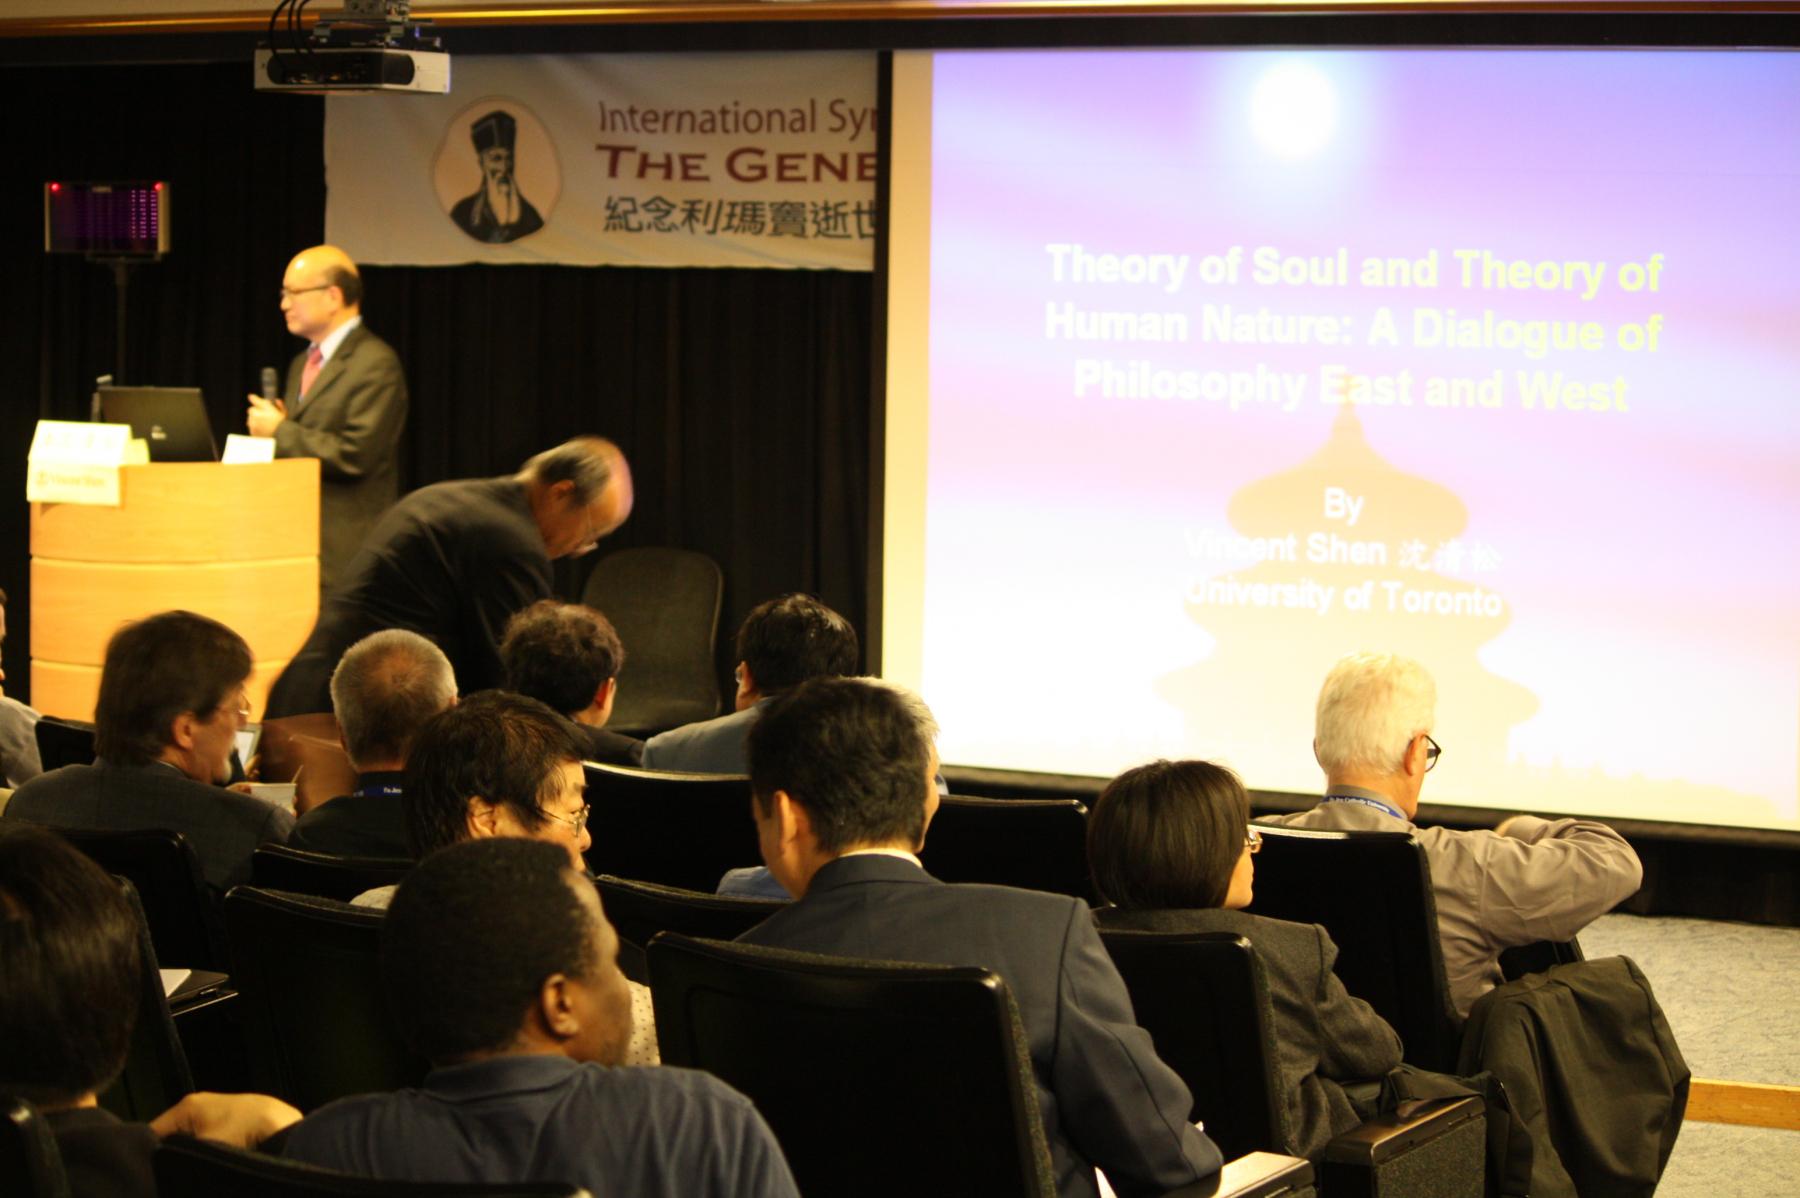 201004紀念利瑪竇逝世四百週年國際學術研討會-27